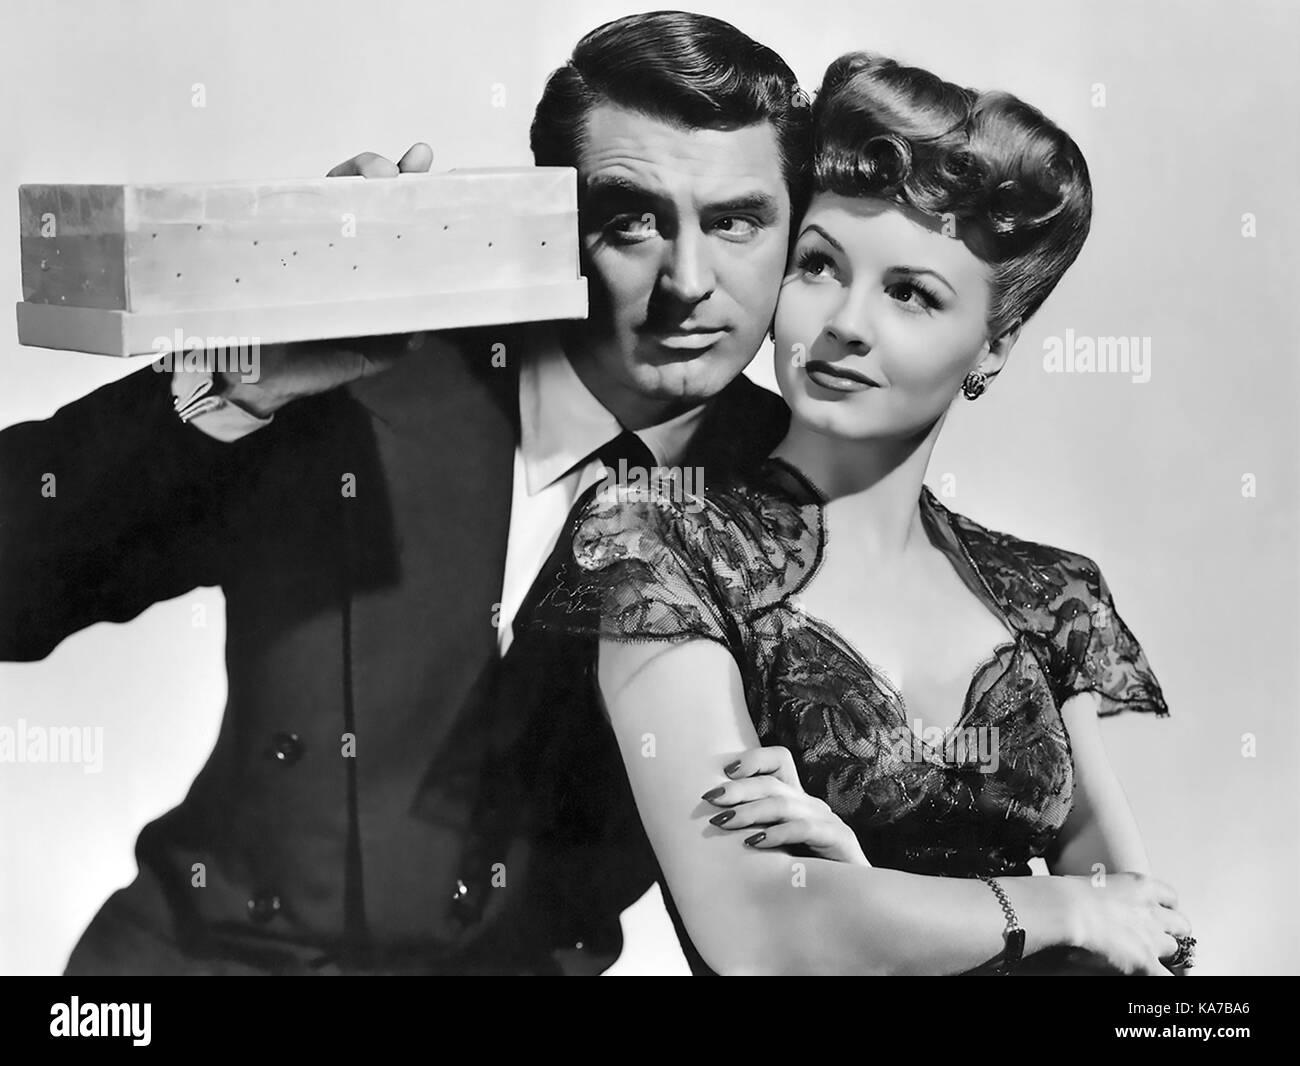 Érase una vez 1944 Columbia Pictures Film con Janet Blair y Cary Grant Imagen De Stock